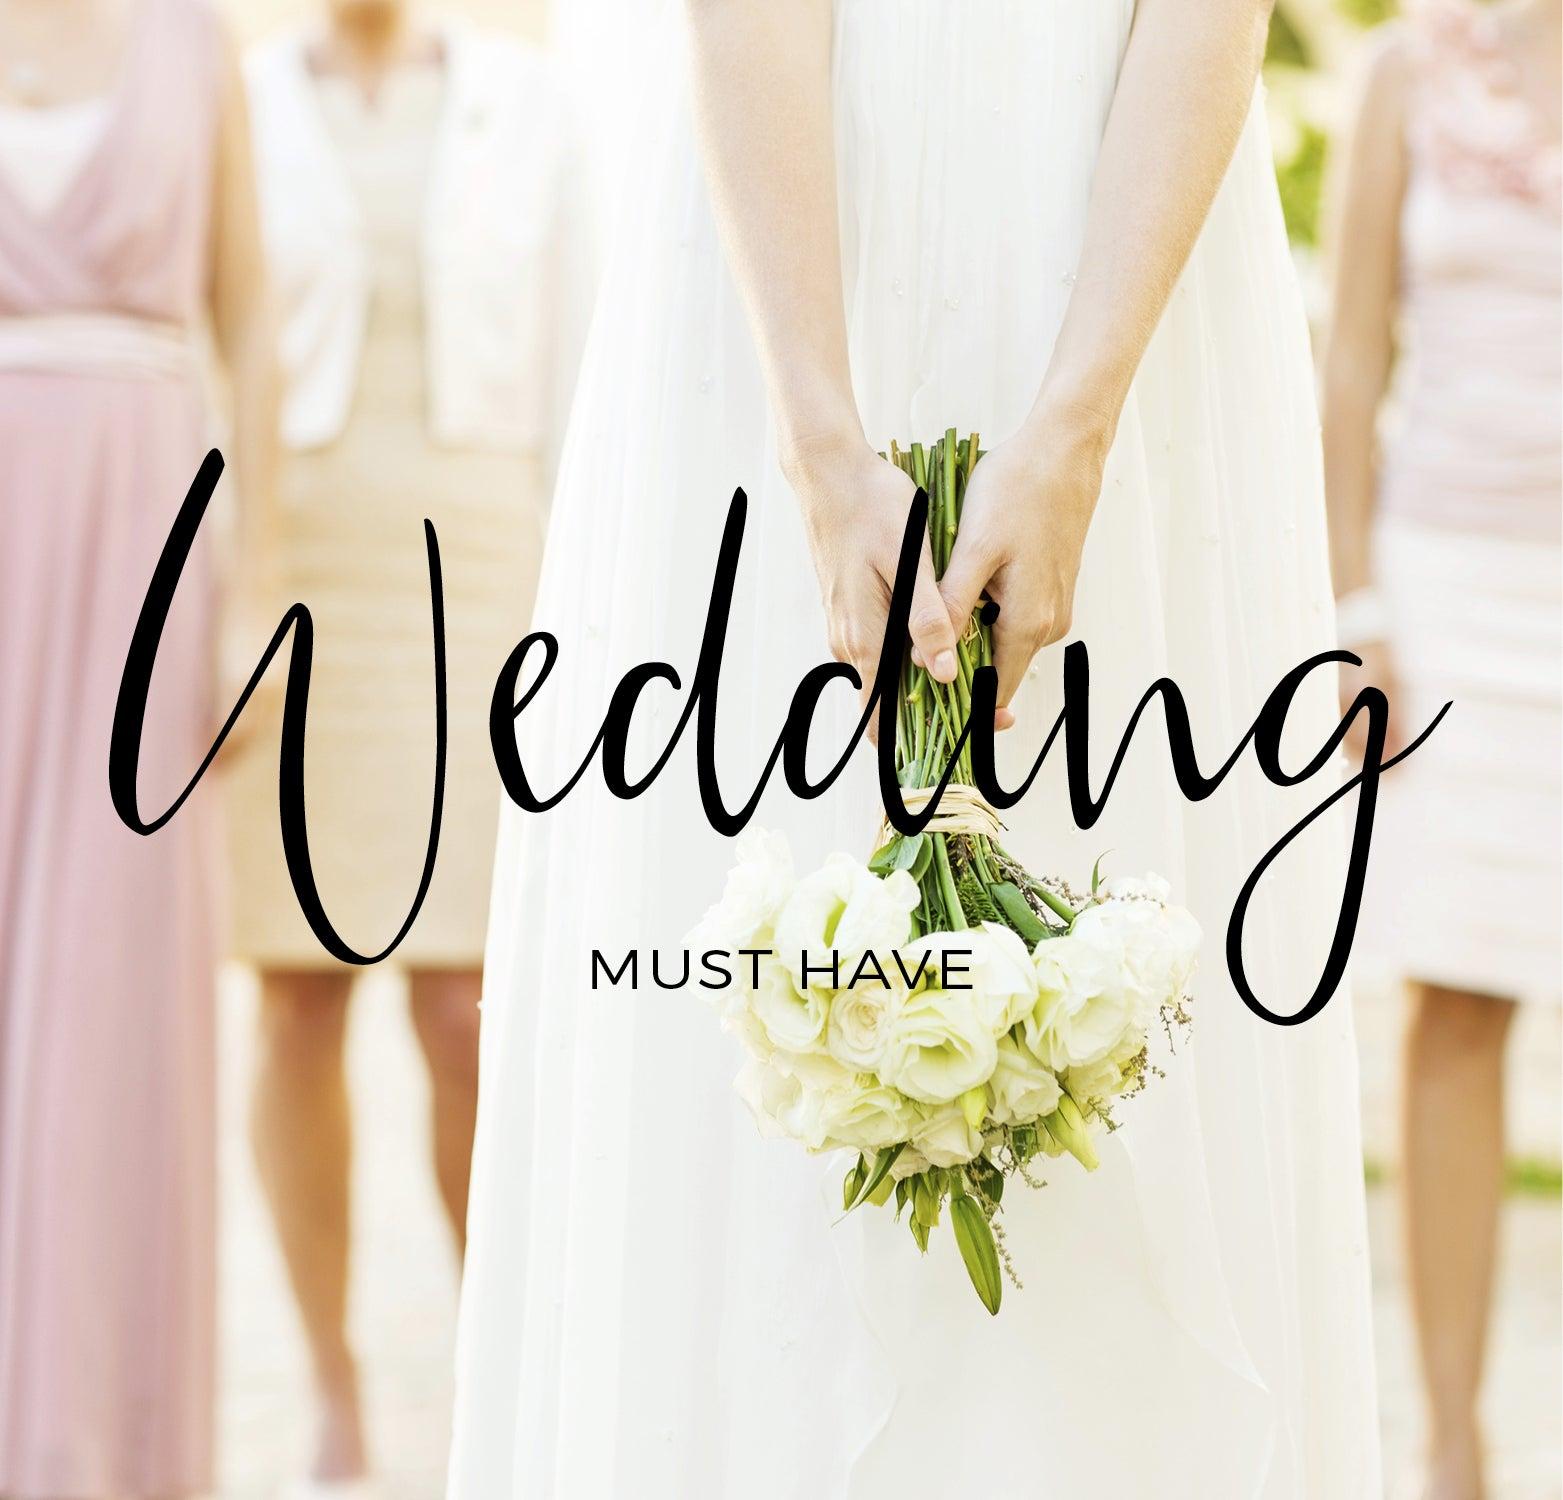 ¿Invitados de una boda? ¿Testigo o dama de honor? ¡Aquí nuestros consejos!